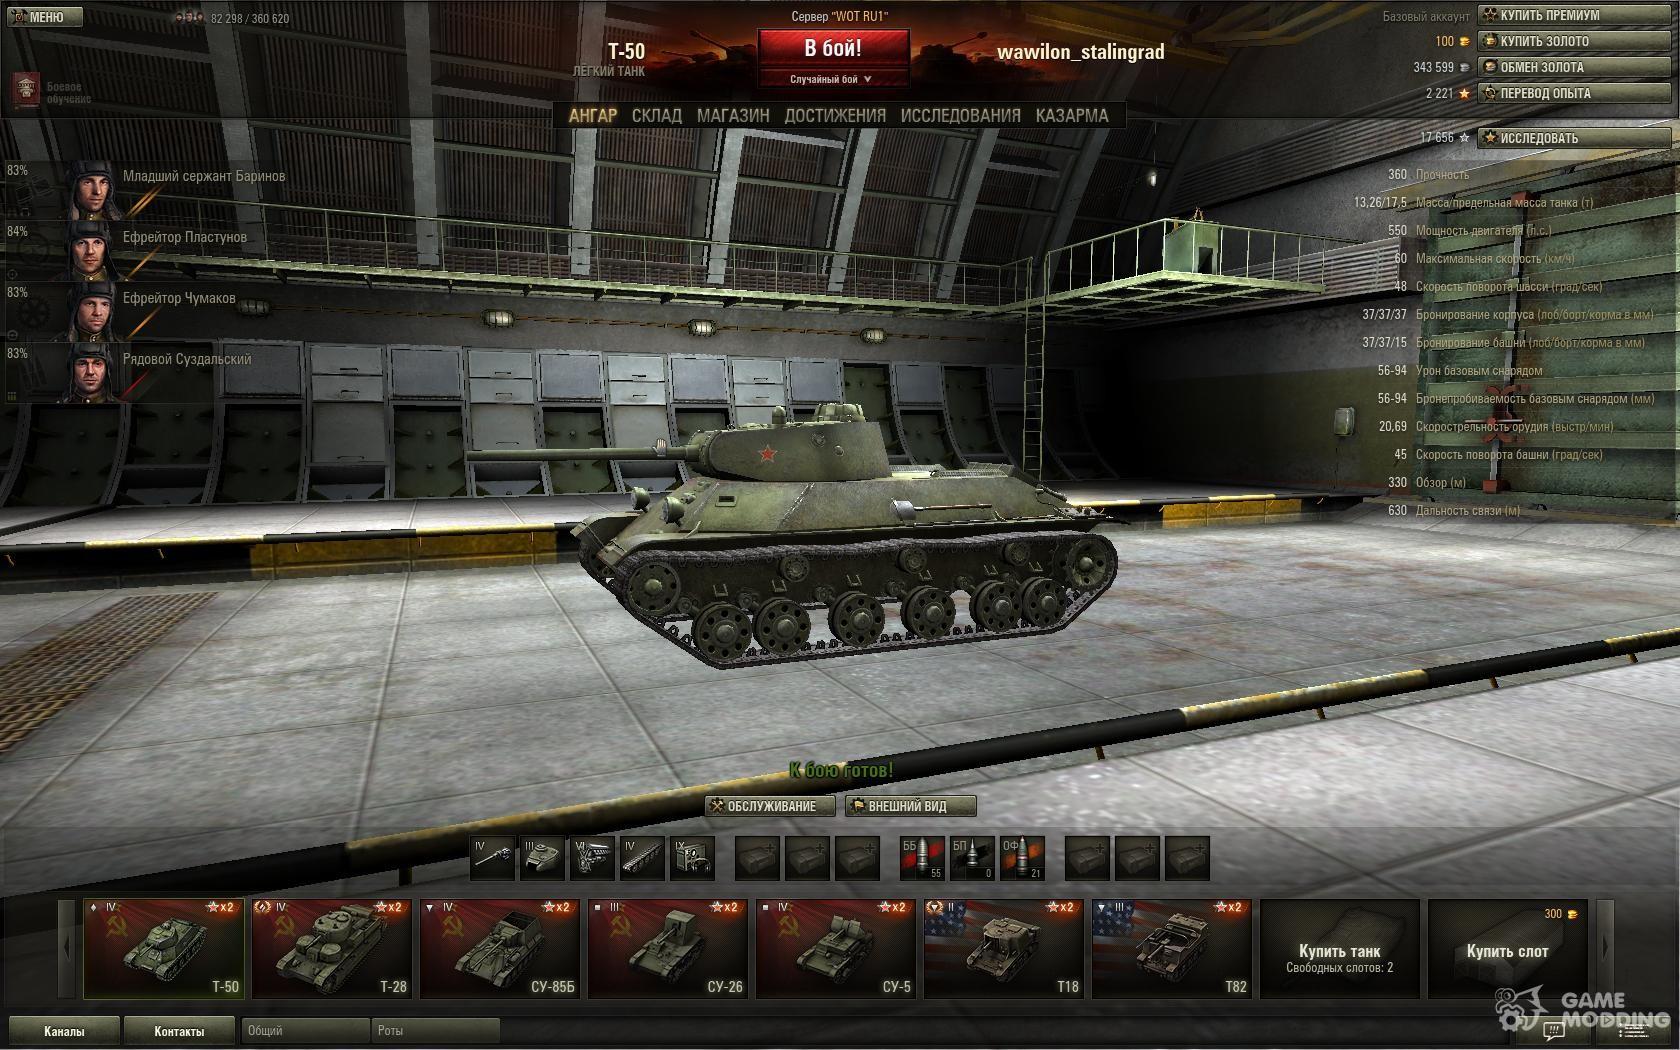 смотреть украли танк с онгара леву